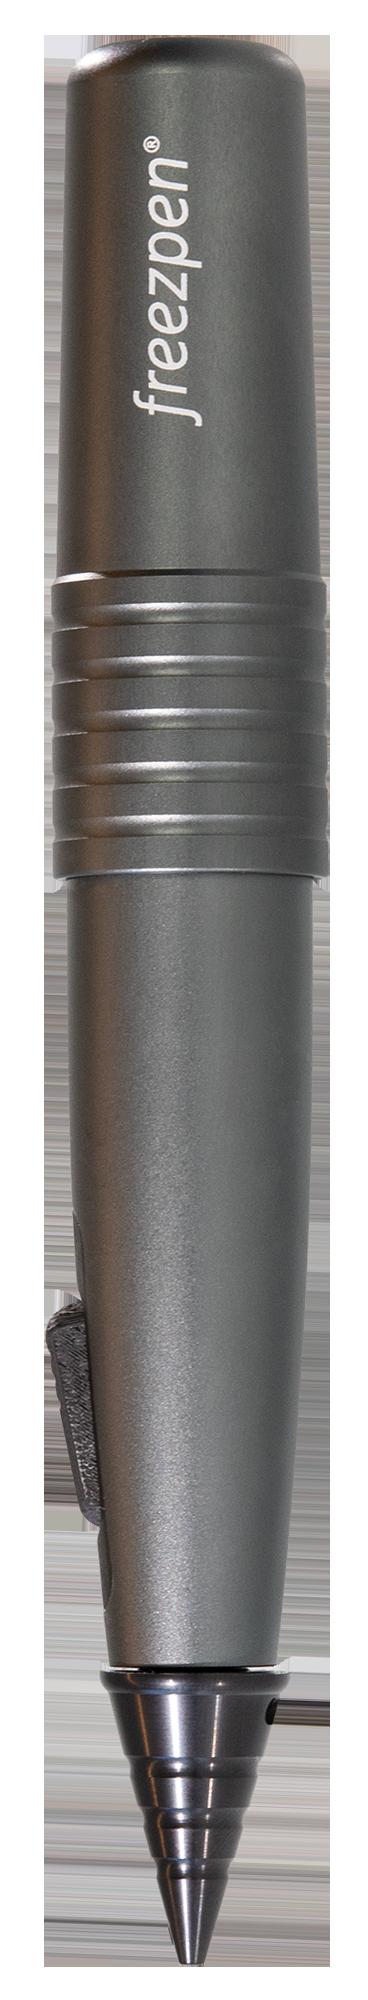 Freezpen 8g device